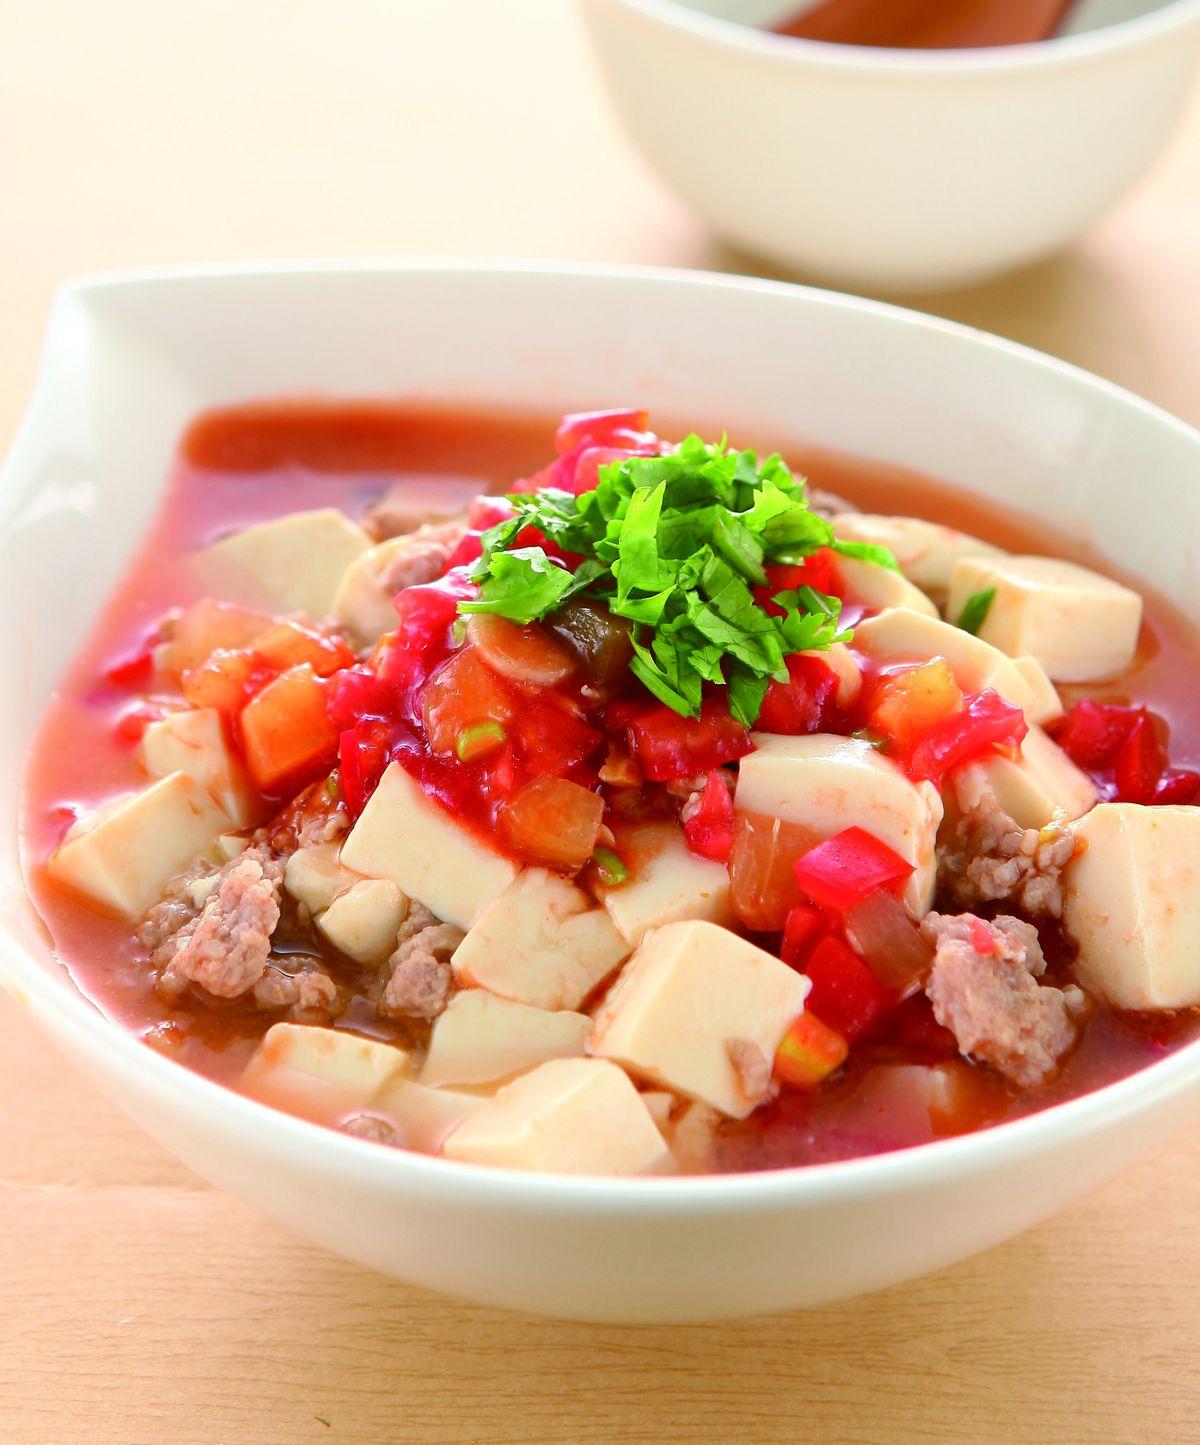 食譜:茄汁拌豆腐